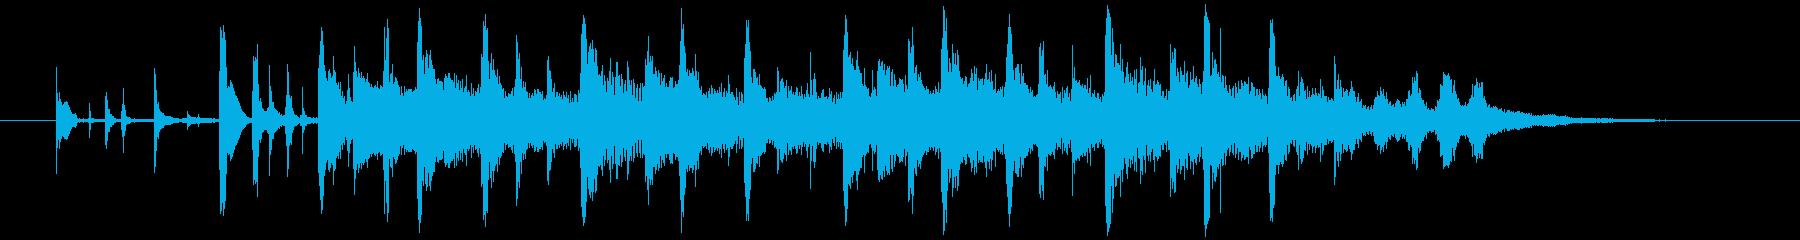 ナチュラルでアコースティックなジングルの再生済みの波形